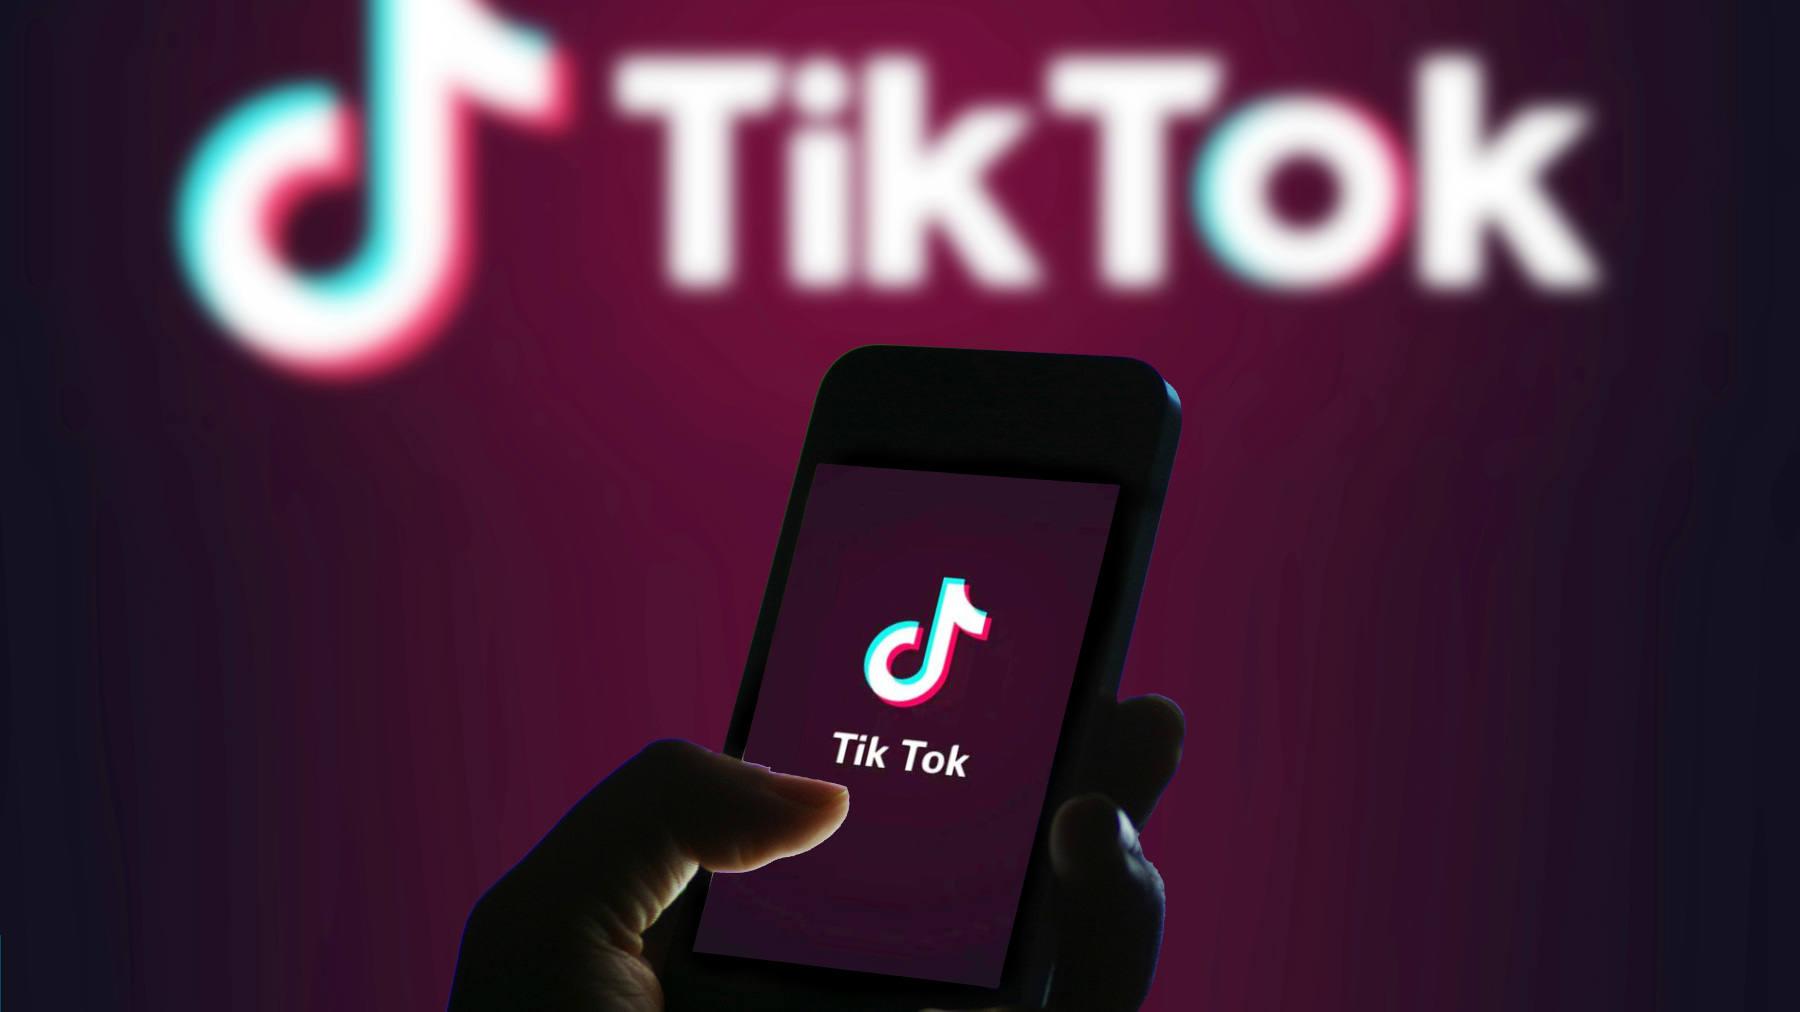 Công ty mẹ của TikTok là startup có giá trị định giá cao nhất toàn cầu với hơn 100 tỉ USD, cạnh tranh với Facebook và Youtube - Ảnh 1.